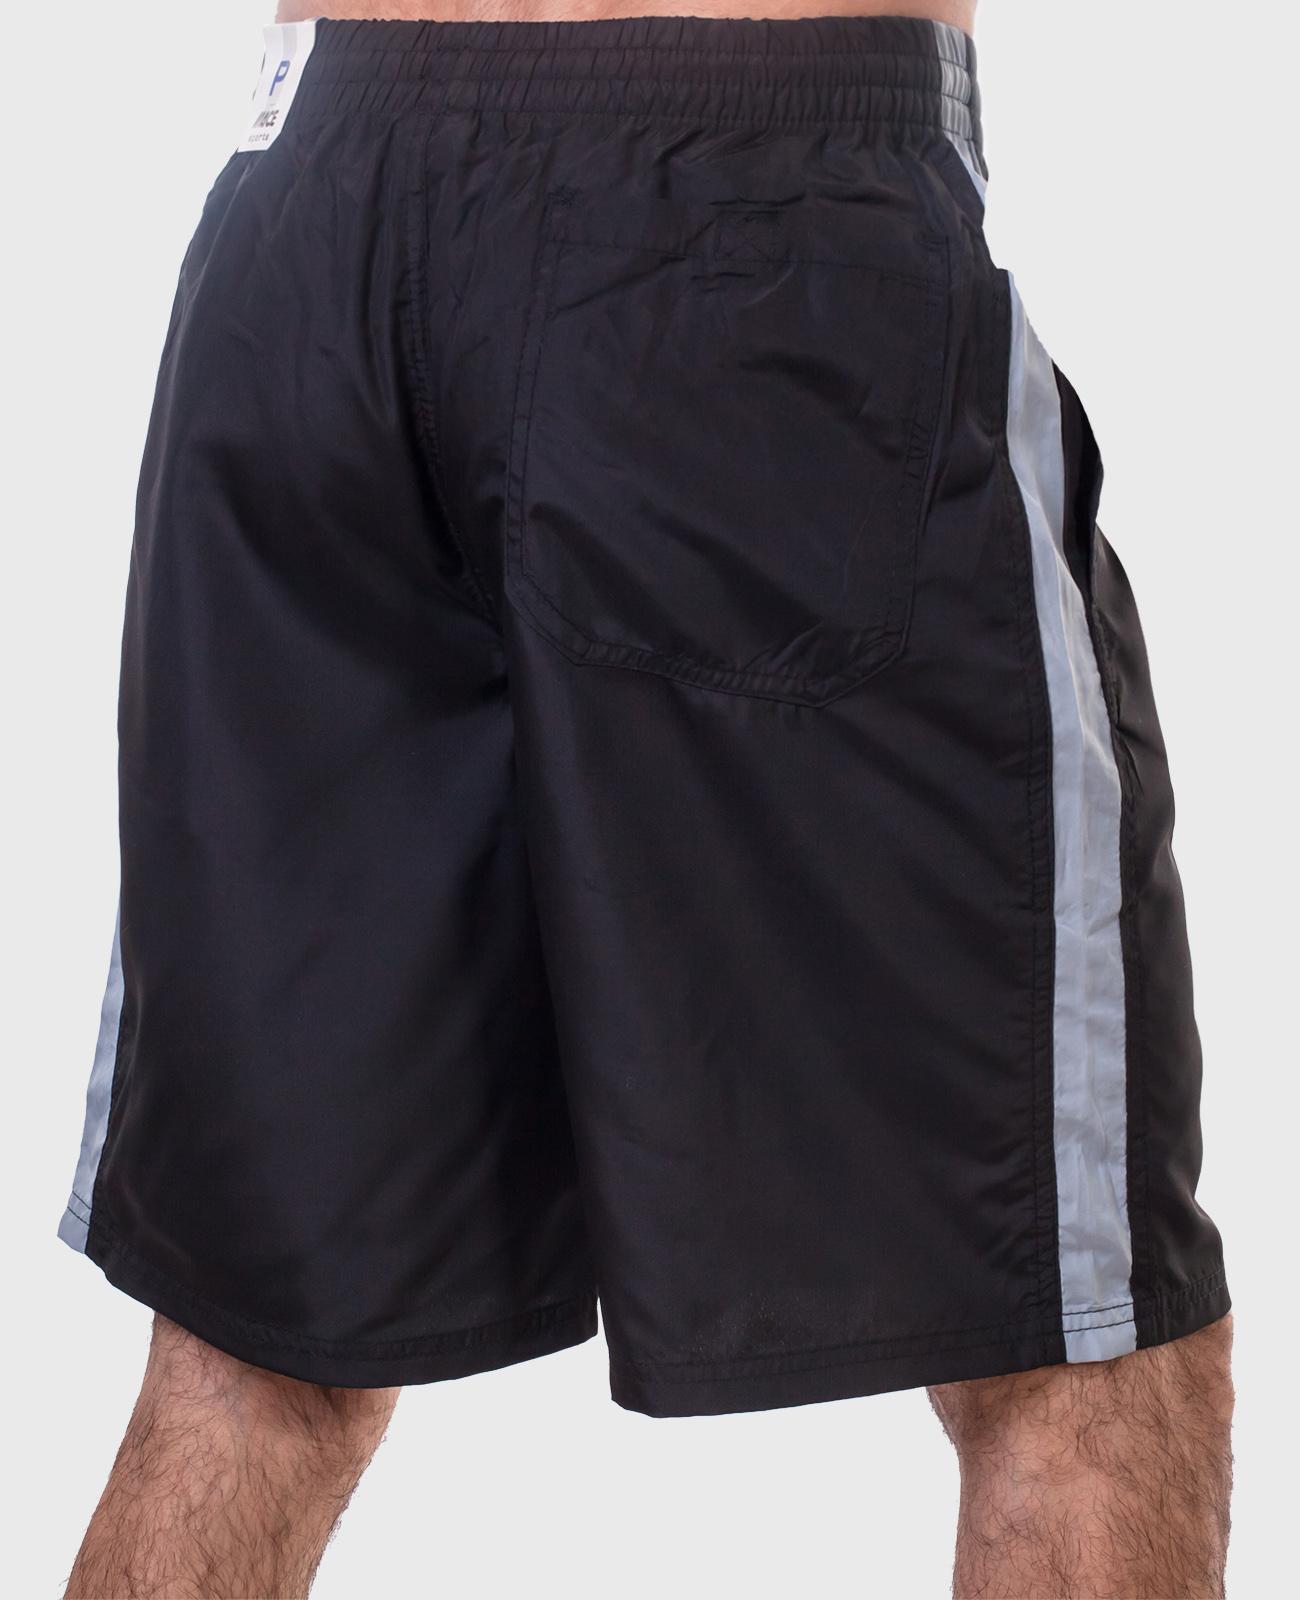 Мужские шорты с лампасами: недорогая розница, дешевый опт